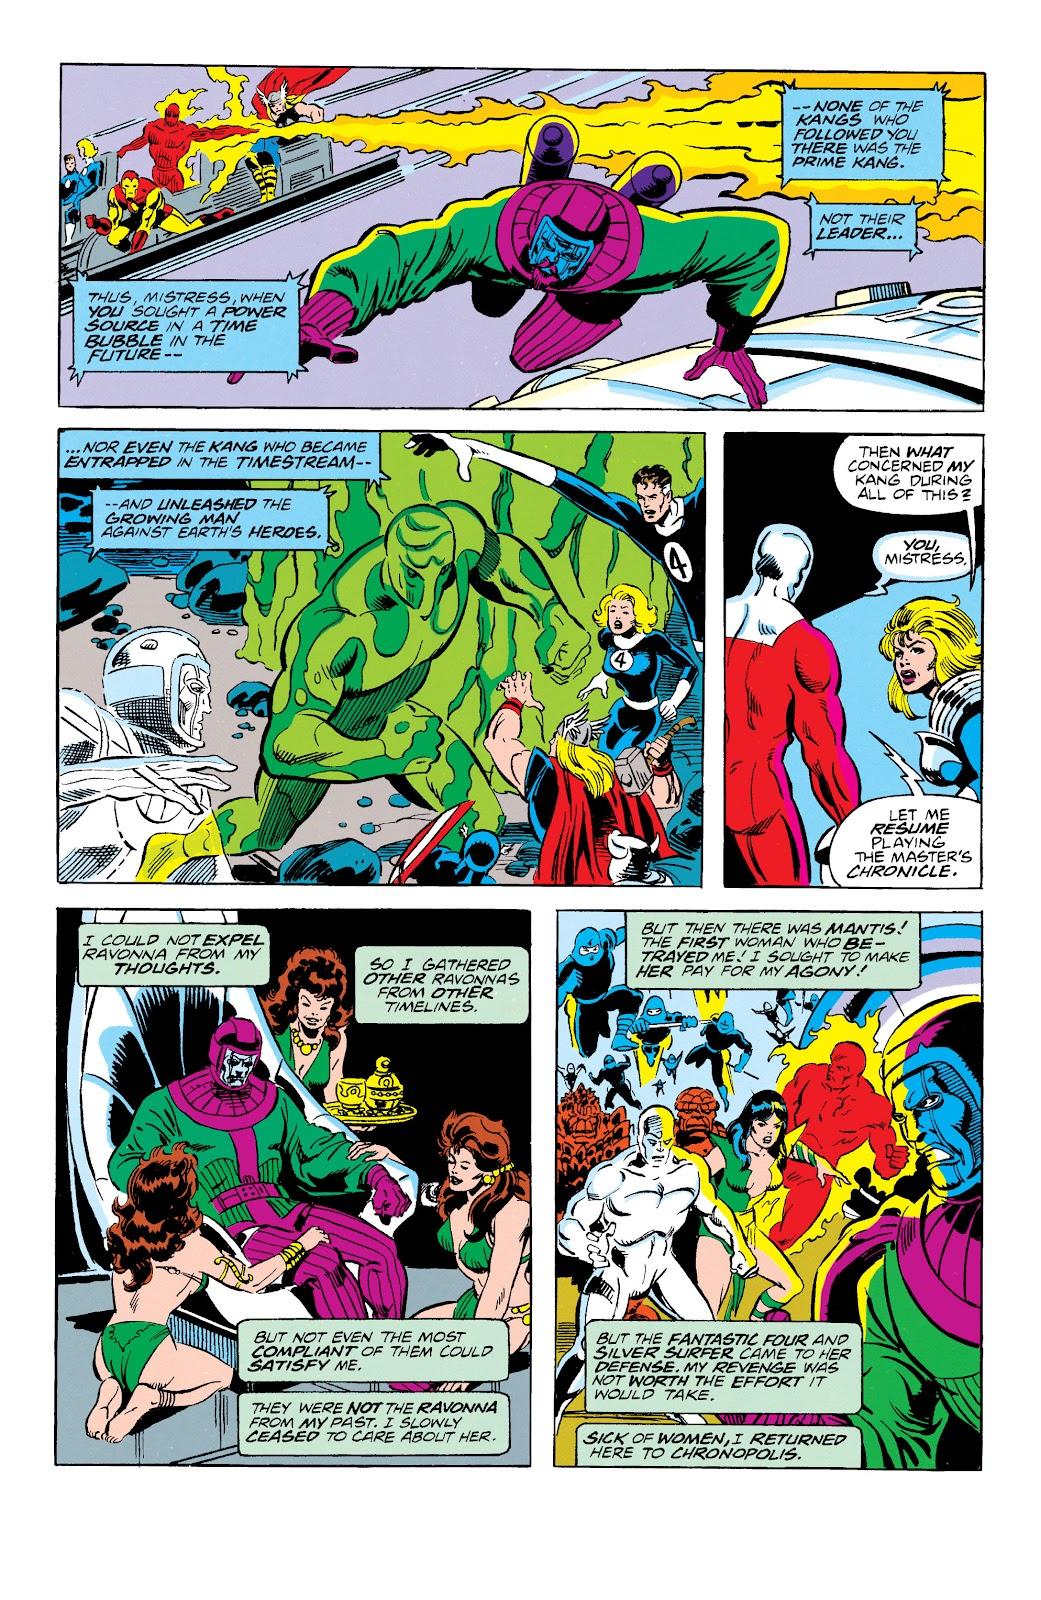 Read online Avengers: Citizen Kang comic -  Issue # TPB (Part 2) - 116